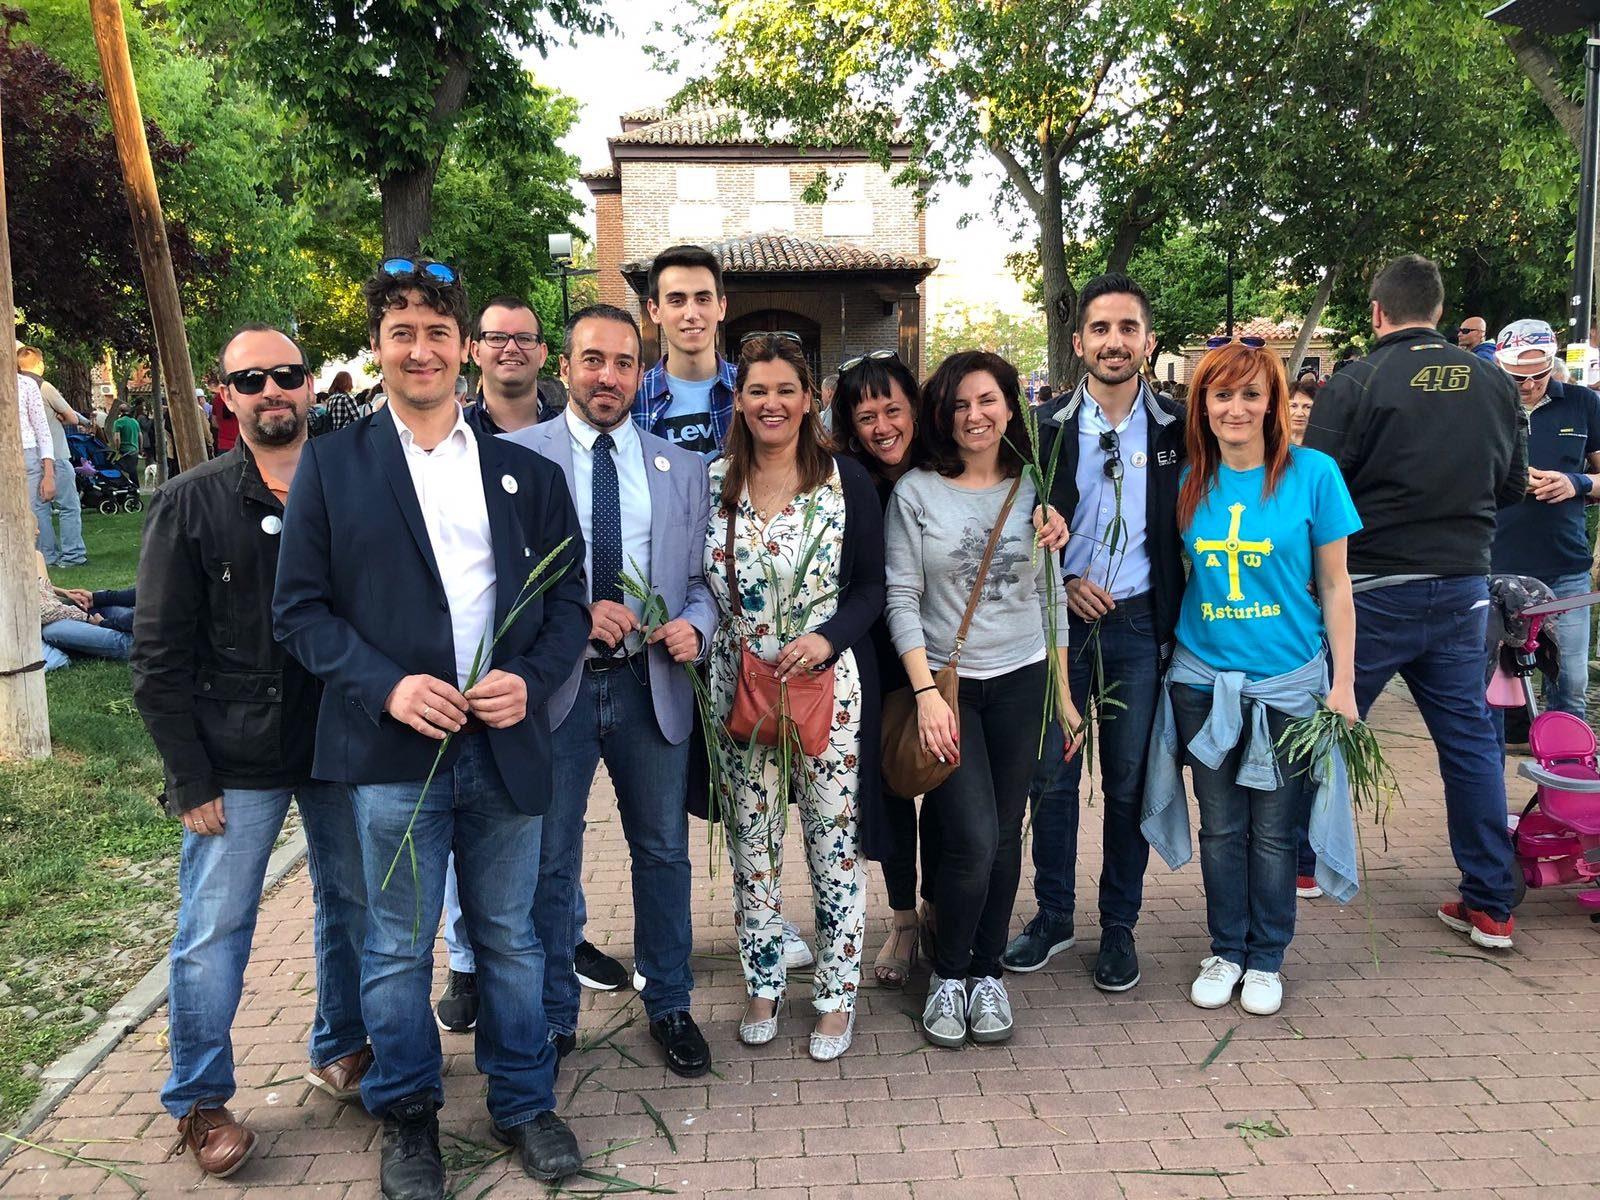 Orlena de Miguel, Antonio De Lamo y Silvia García asisten a la celebración de la Fiesta de la Espiga 2018 en Azuqueca